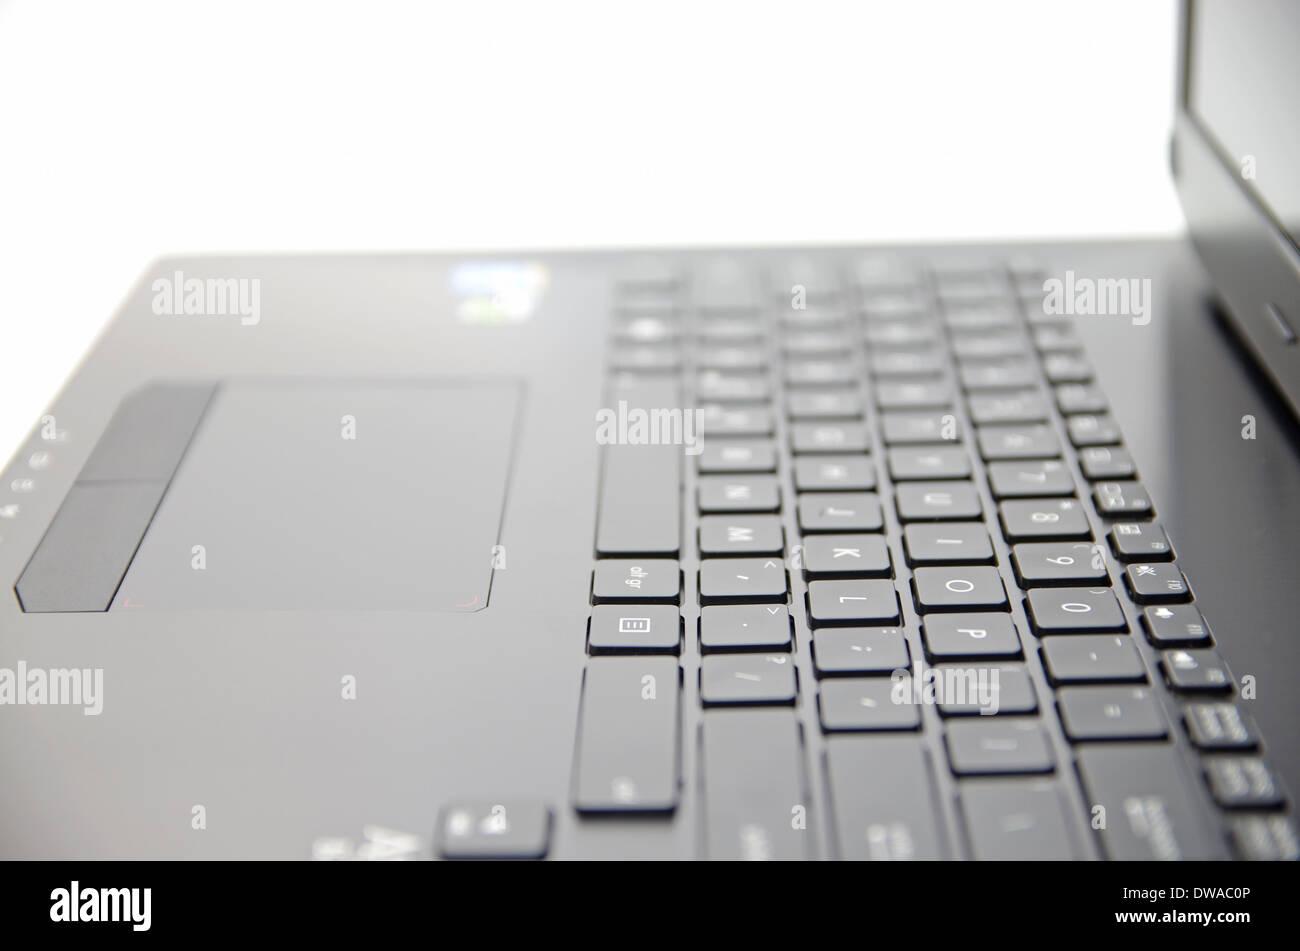 Teclado de portátil negro y la superficie del touchpad Imagen De Stock